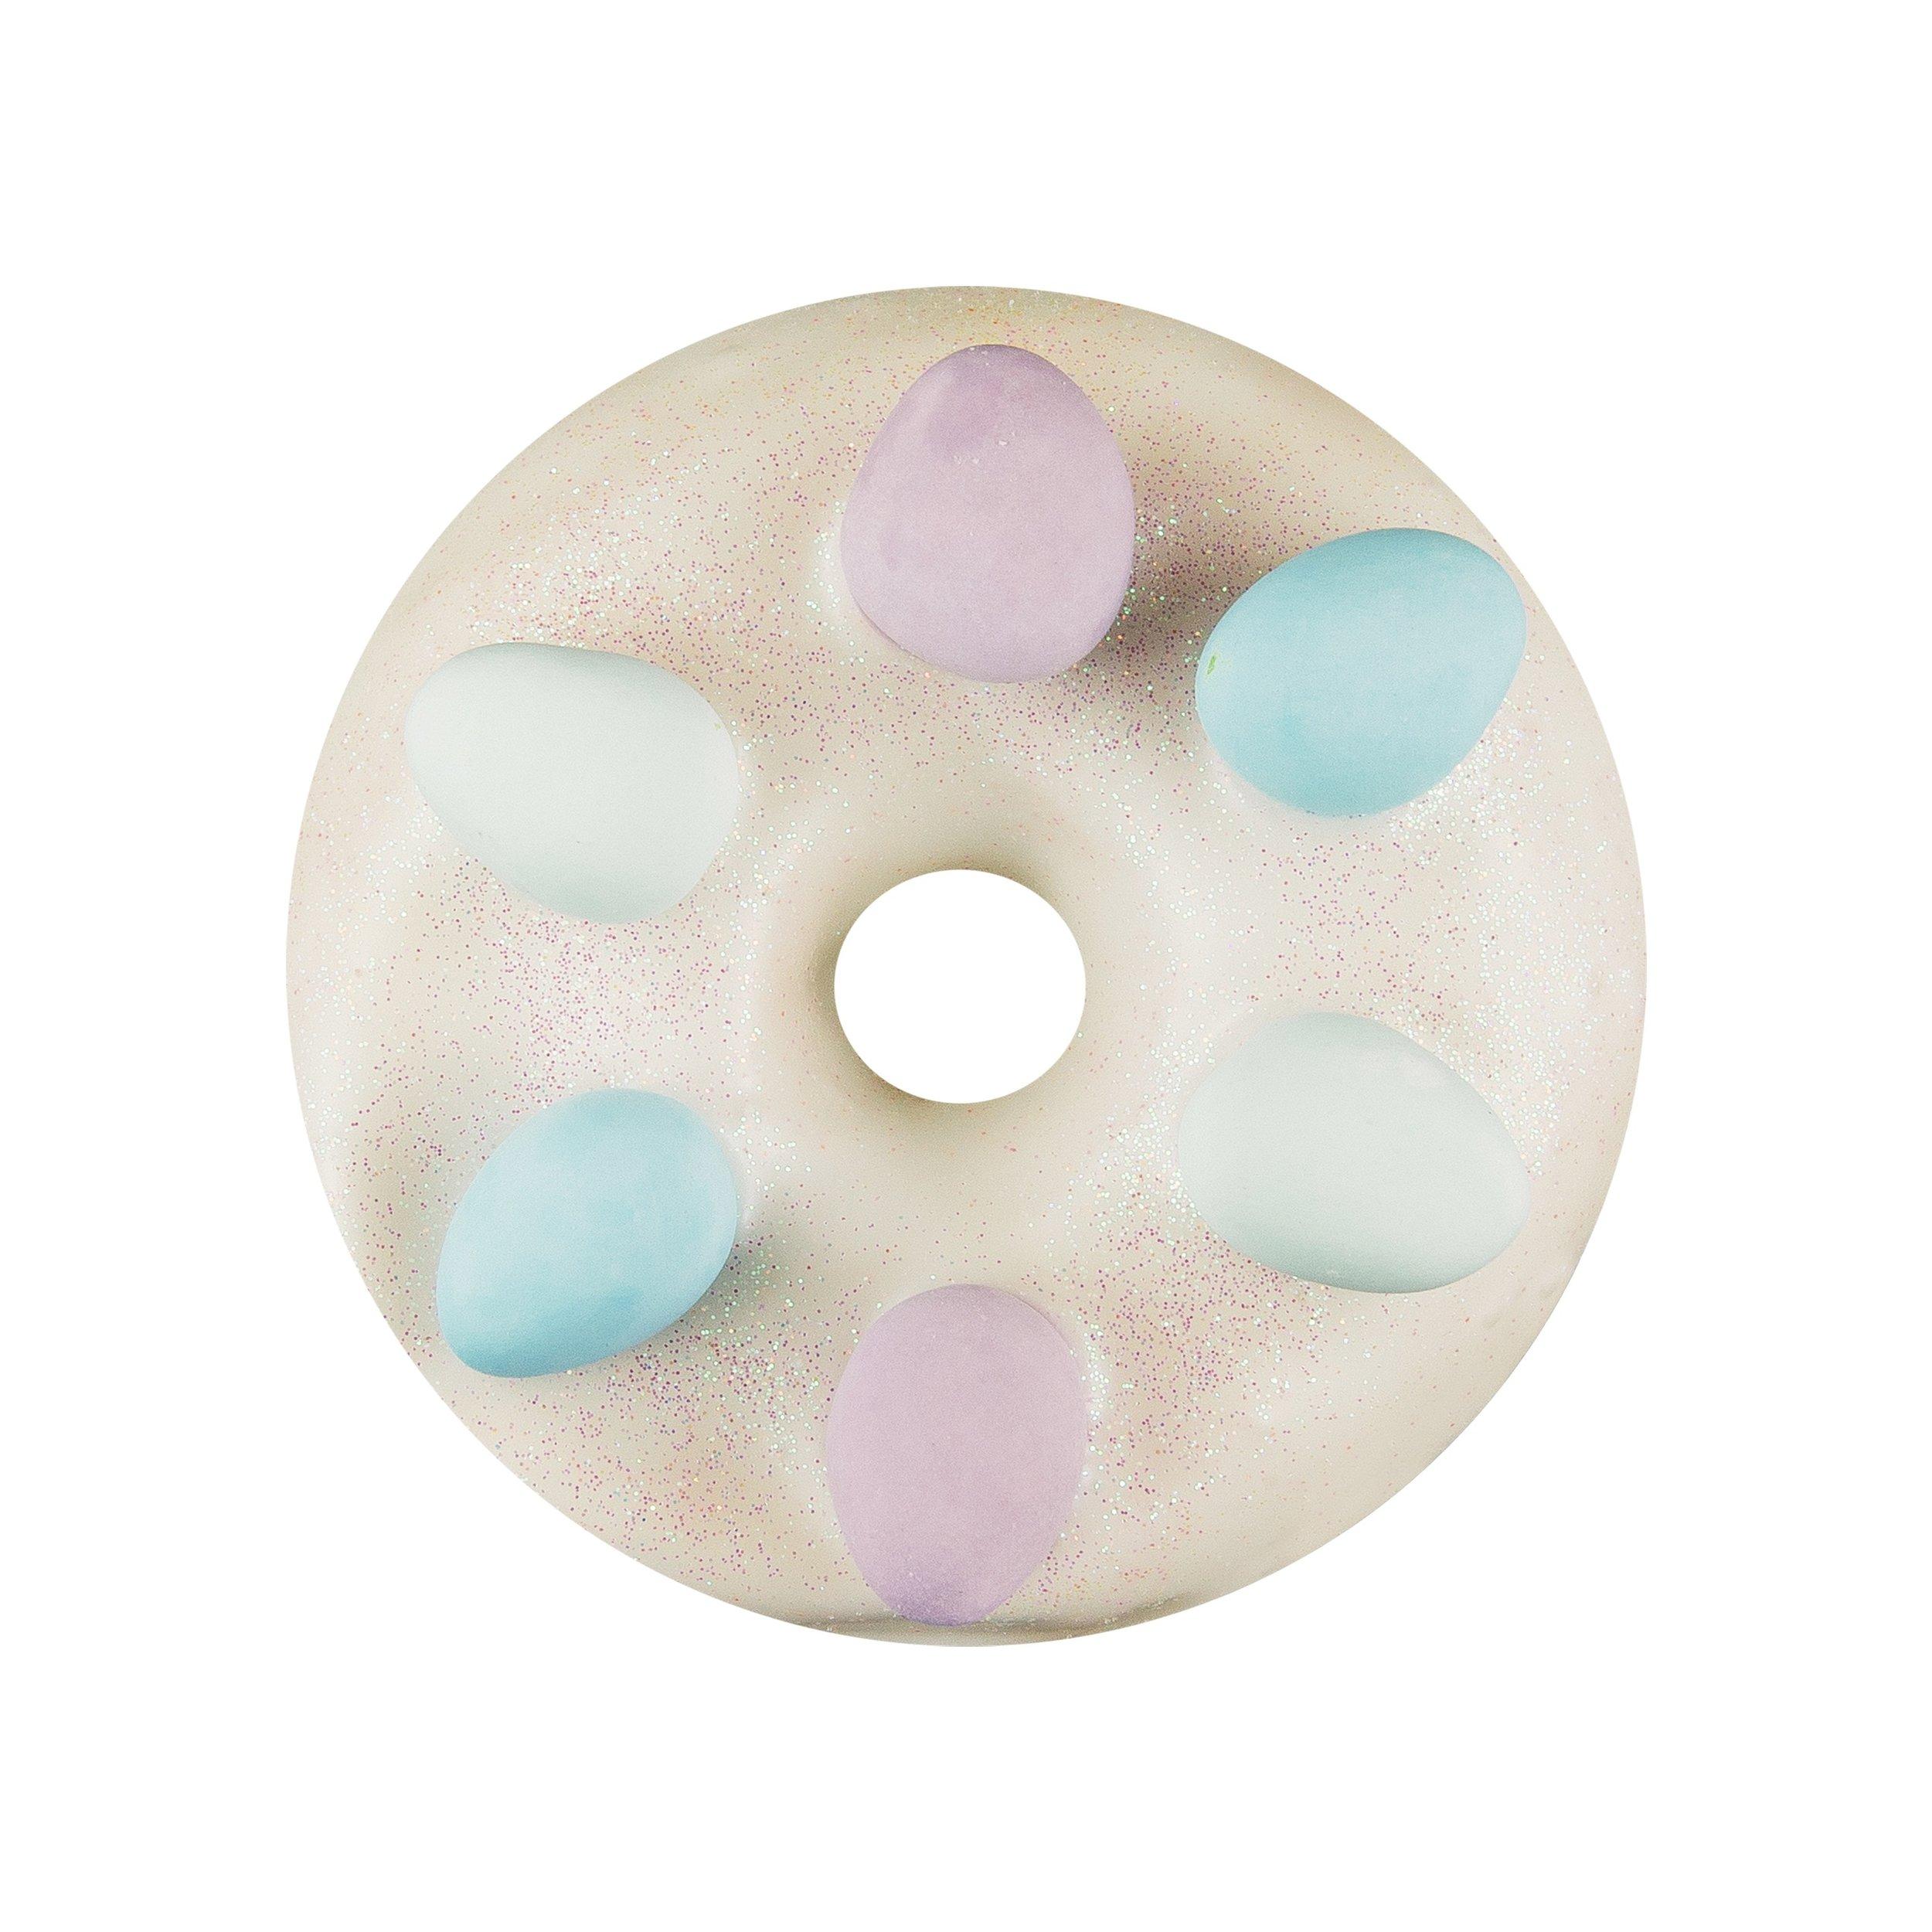 EGG HUNT - WHITE CHOCOLATE GLAZE+ SPRINKLES+ MILK CHOCOLATE EGGS